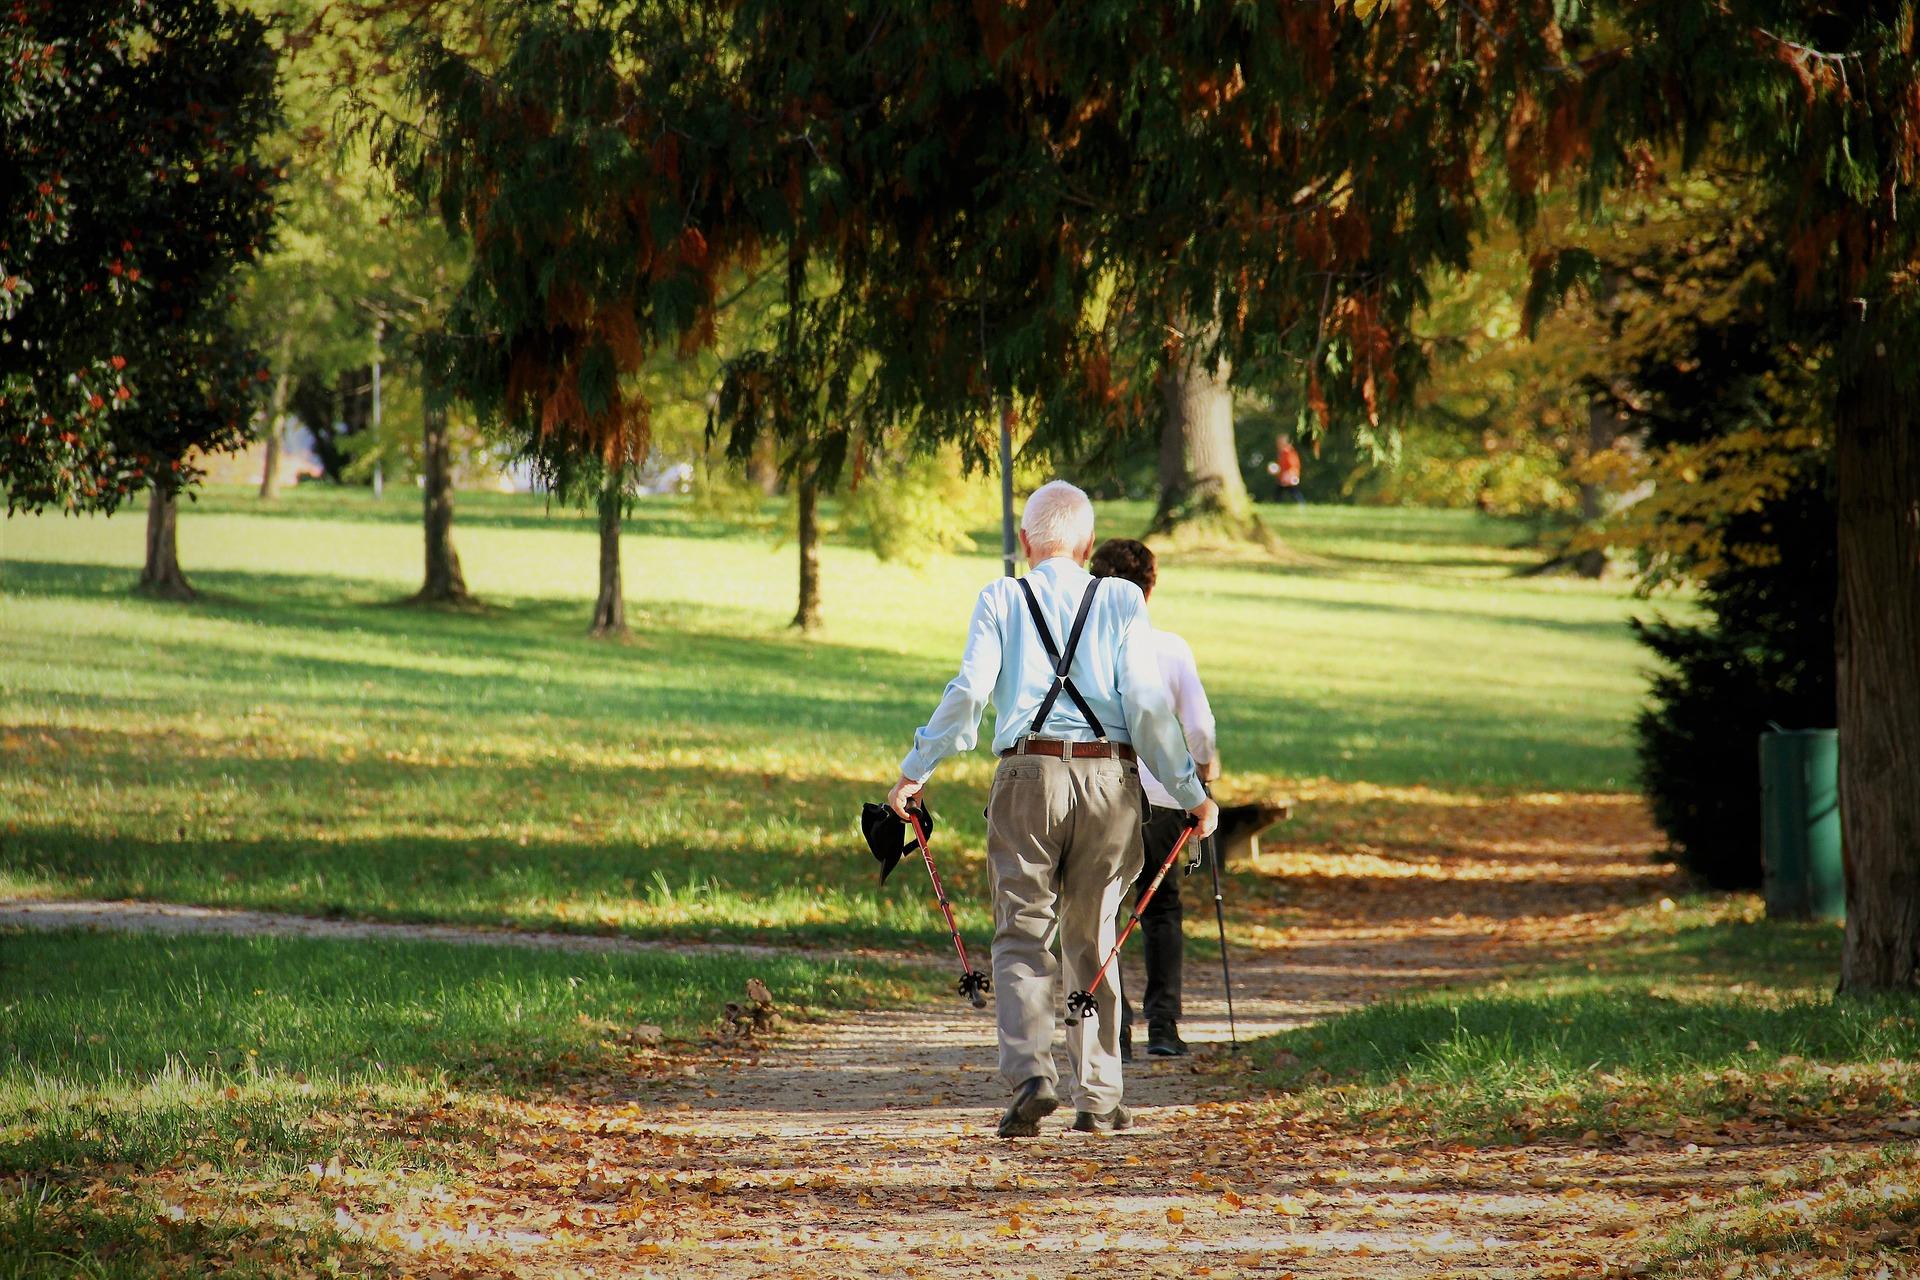 Baufinanzierung im Alter: Worauf man bei der Baufinanzierung im Rentenalter achten sollte